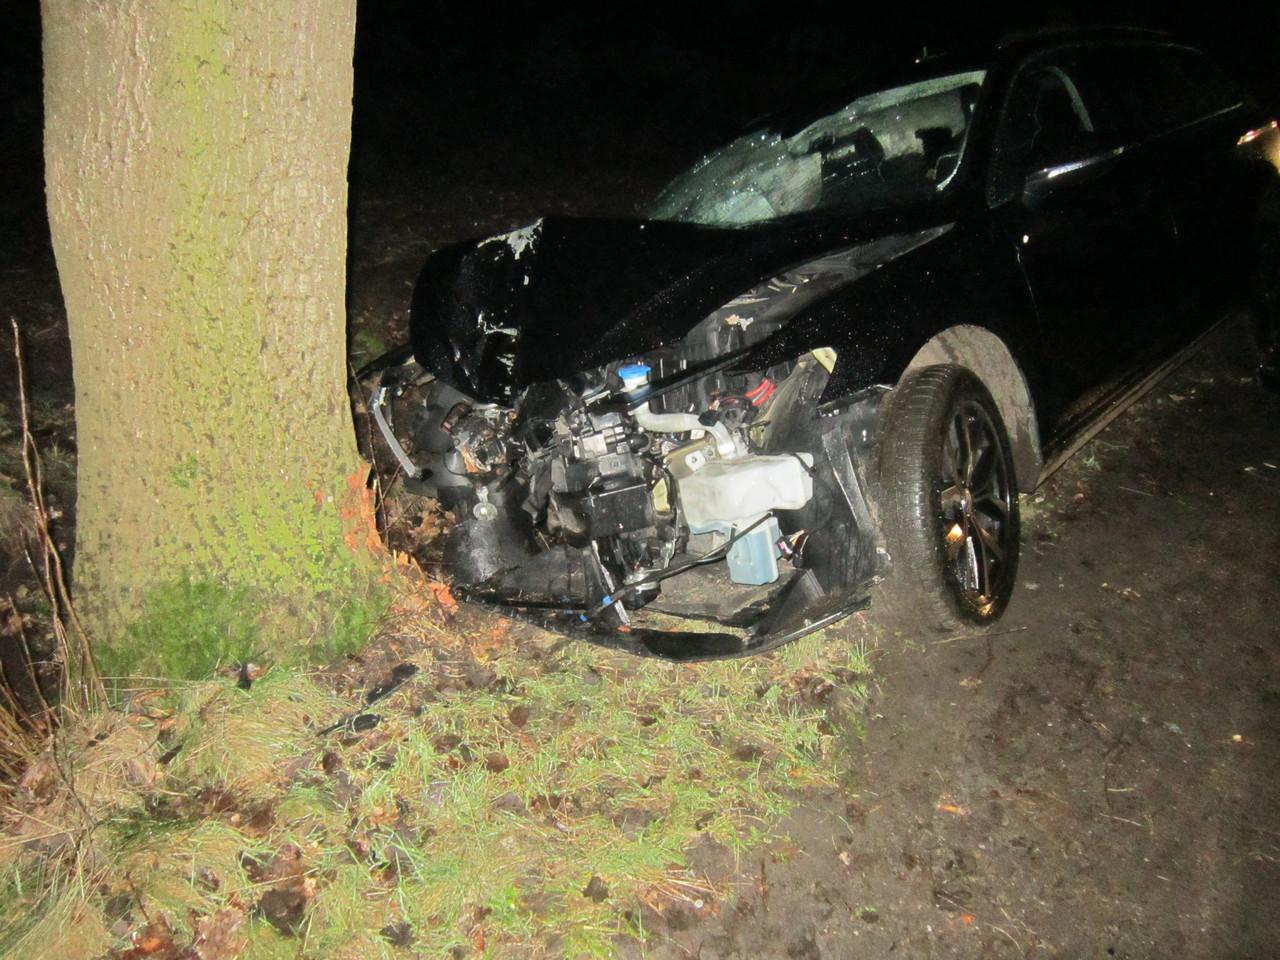 Ein 19-Jähriger wird für seinen Leichtsinn bestraft: ein Auto mit Totalschaden und den Führerschein musste er abgeben.